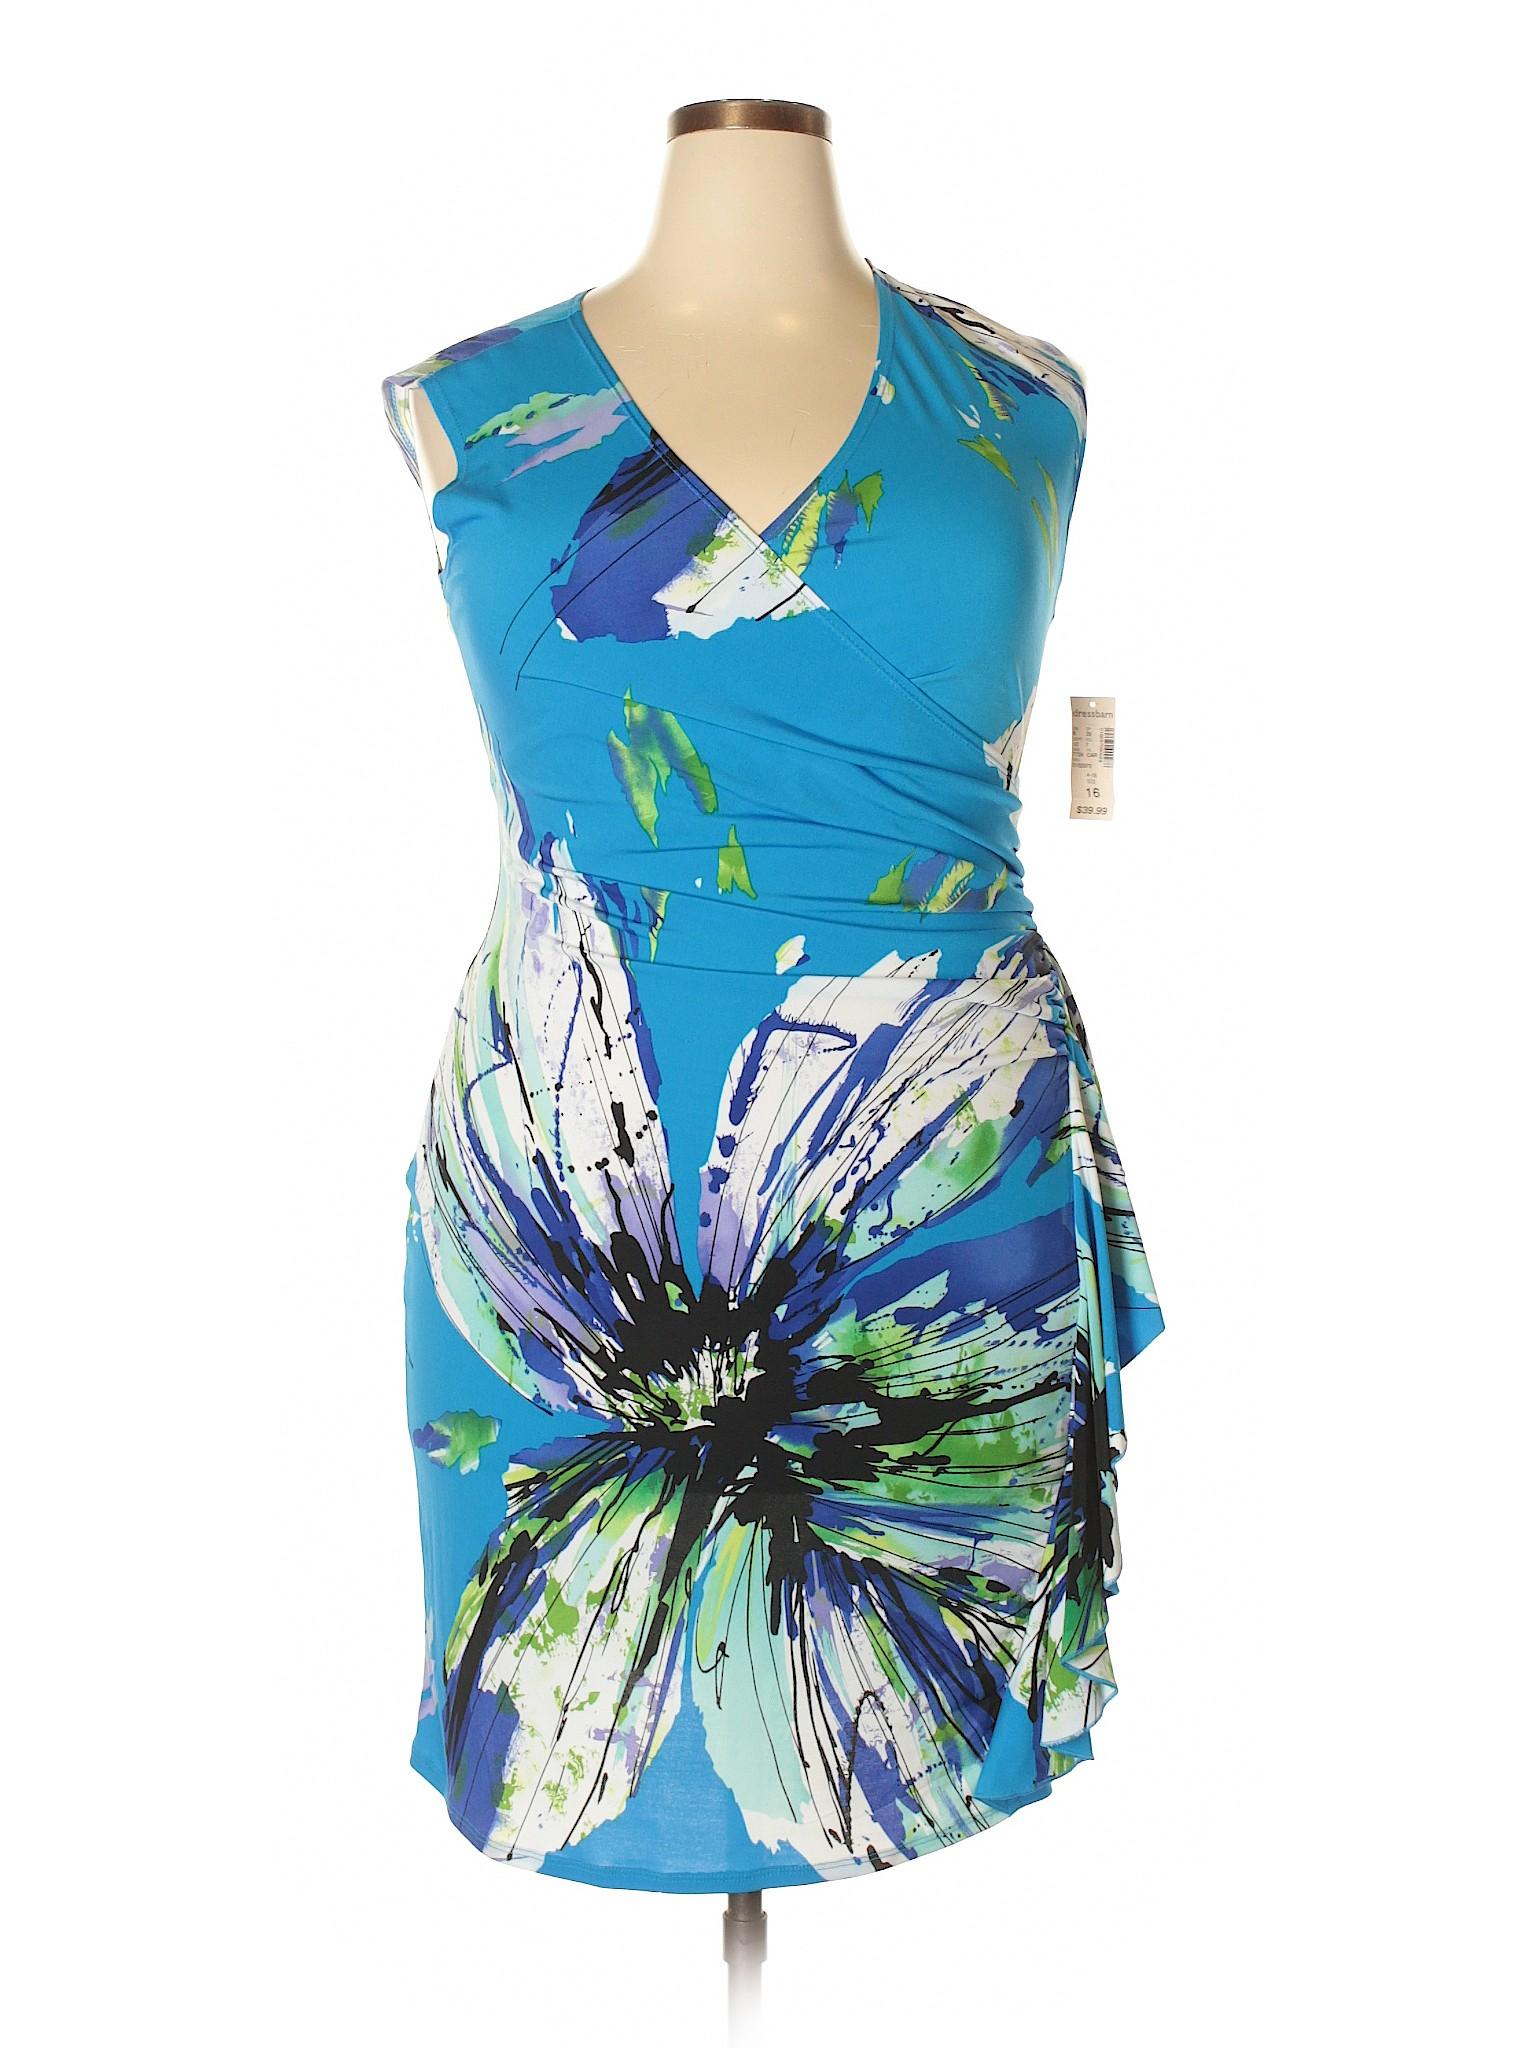 Selling DressBarn Casual DressBarn Dress Casual Selling Selling Selling Dress Casual DressBarn Dress 0dvq0wf